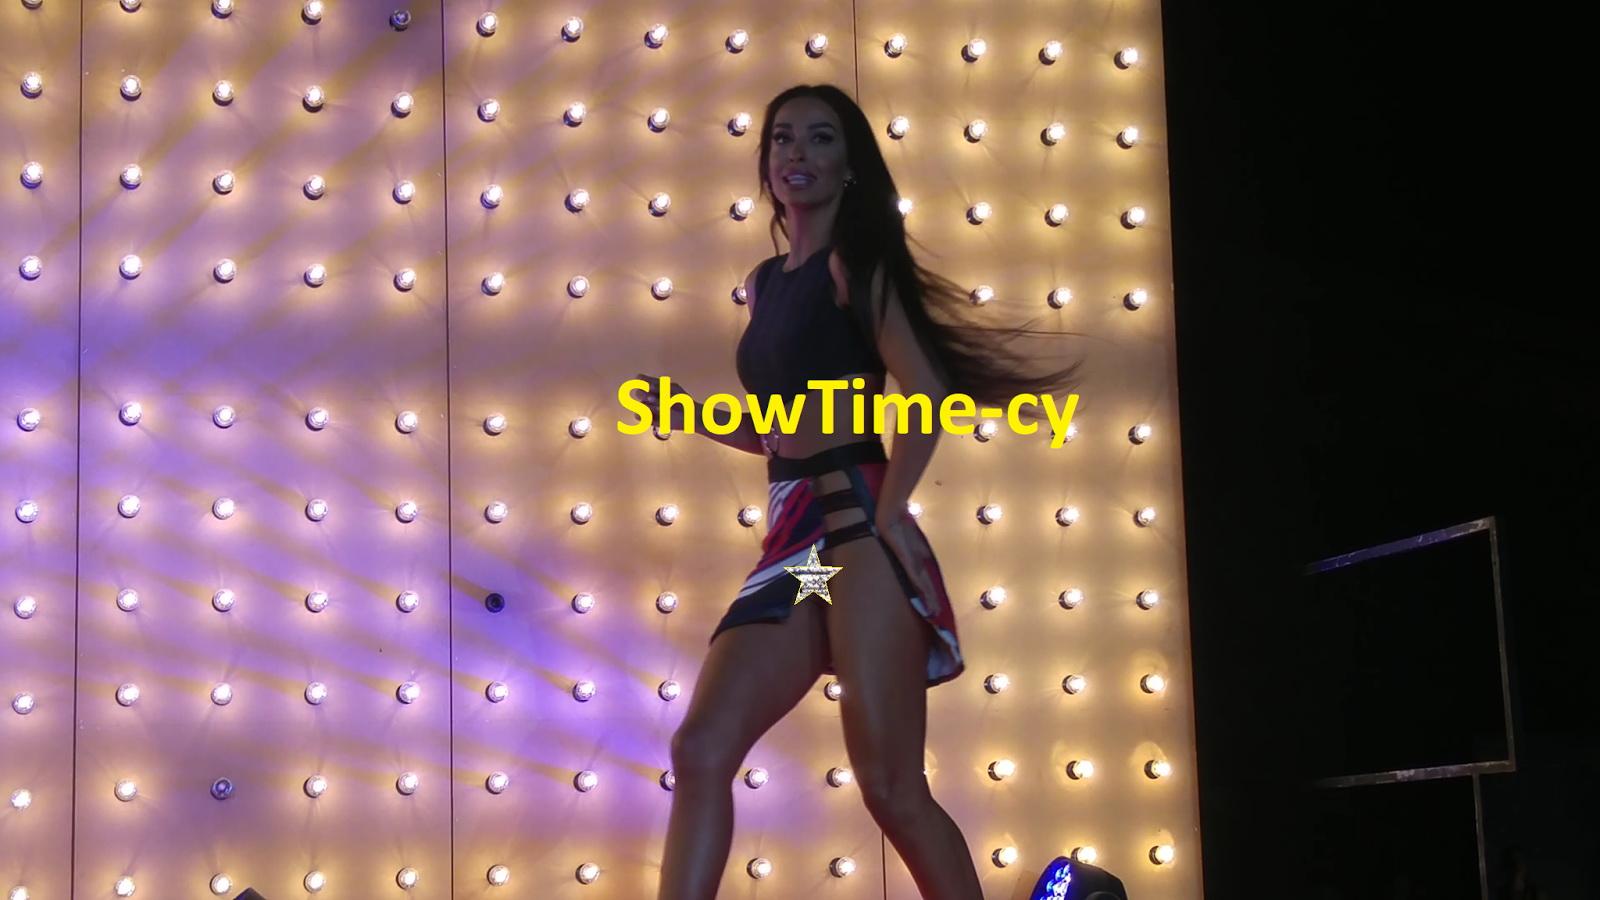 Η Ελένη Φουρέιρα χωρίς εσώρουχο στην σκηνή (φωτο)